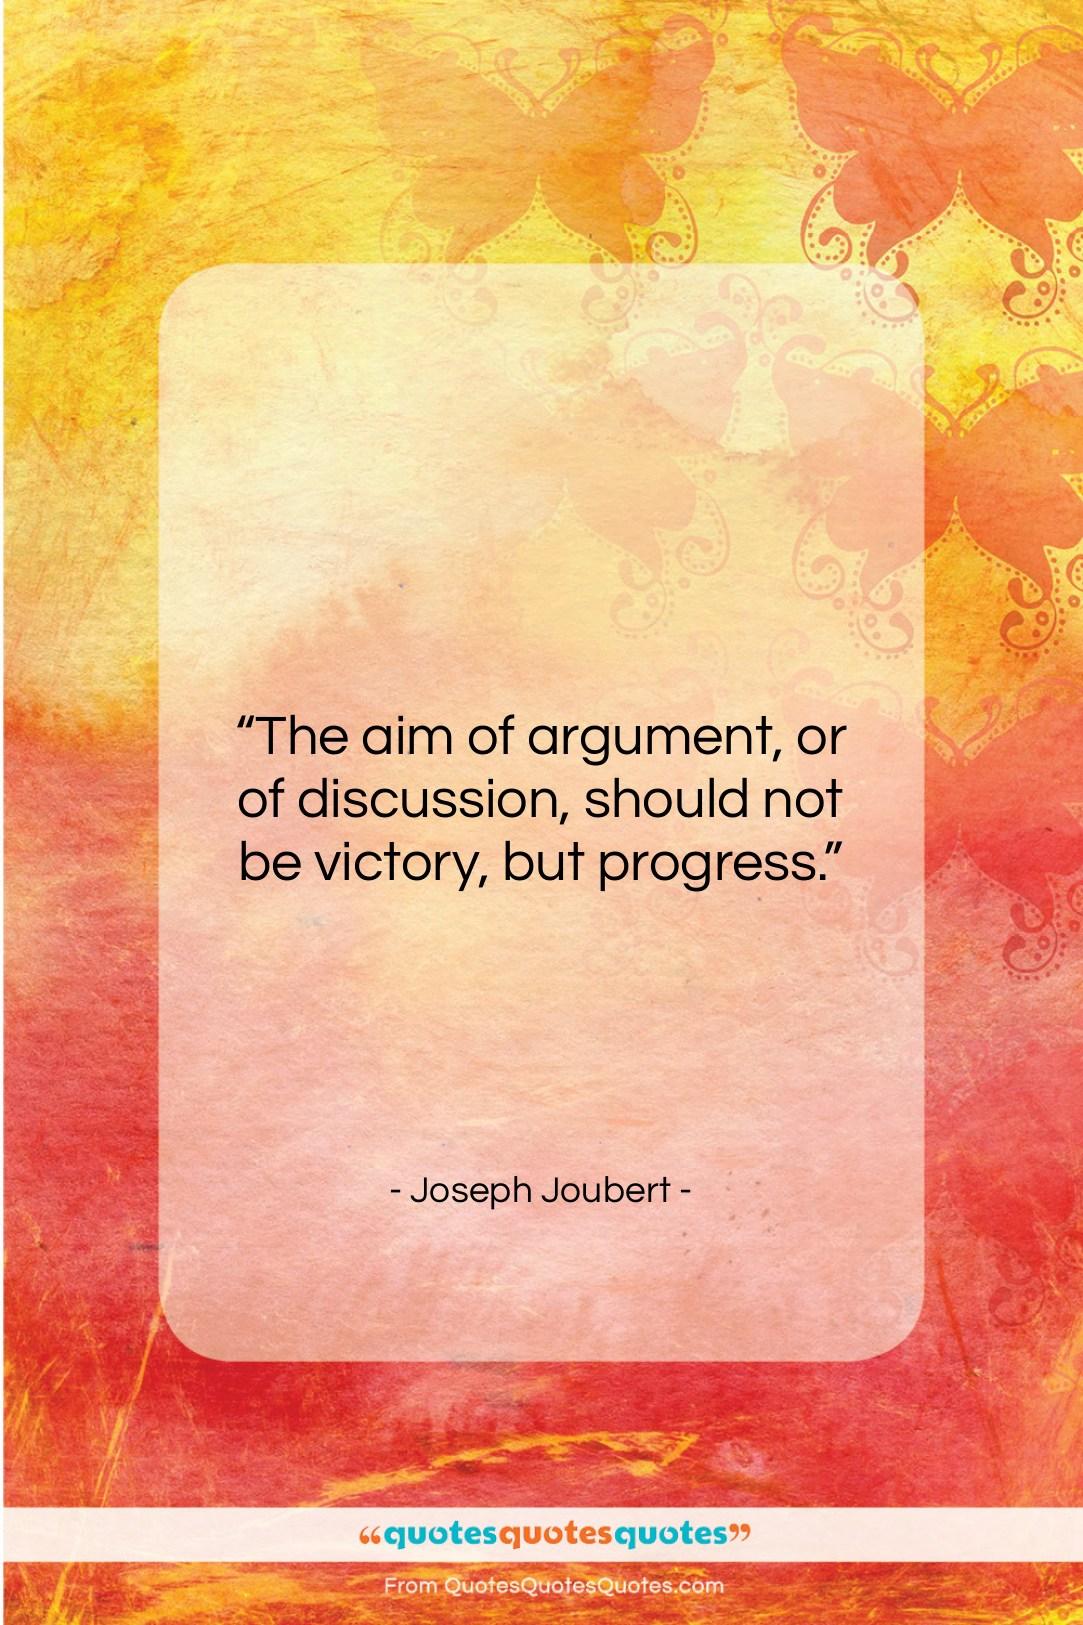 """Joseph Joubert quote: """"The aim of argument, or of discussion,…""""- at QuotesQuotesQuotes.com"""